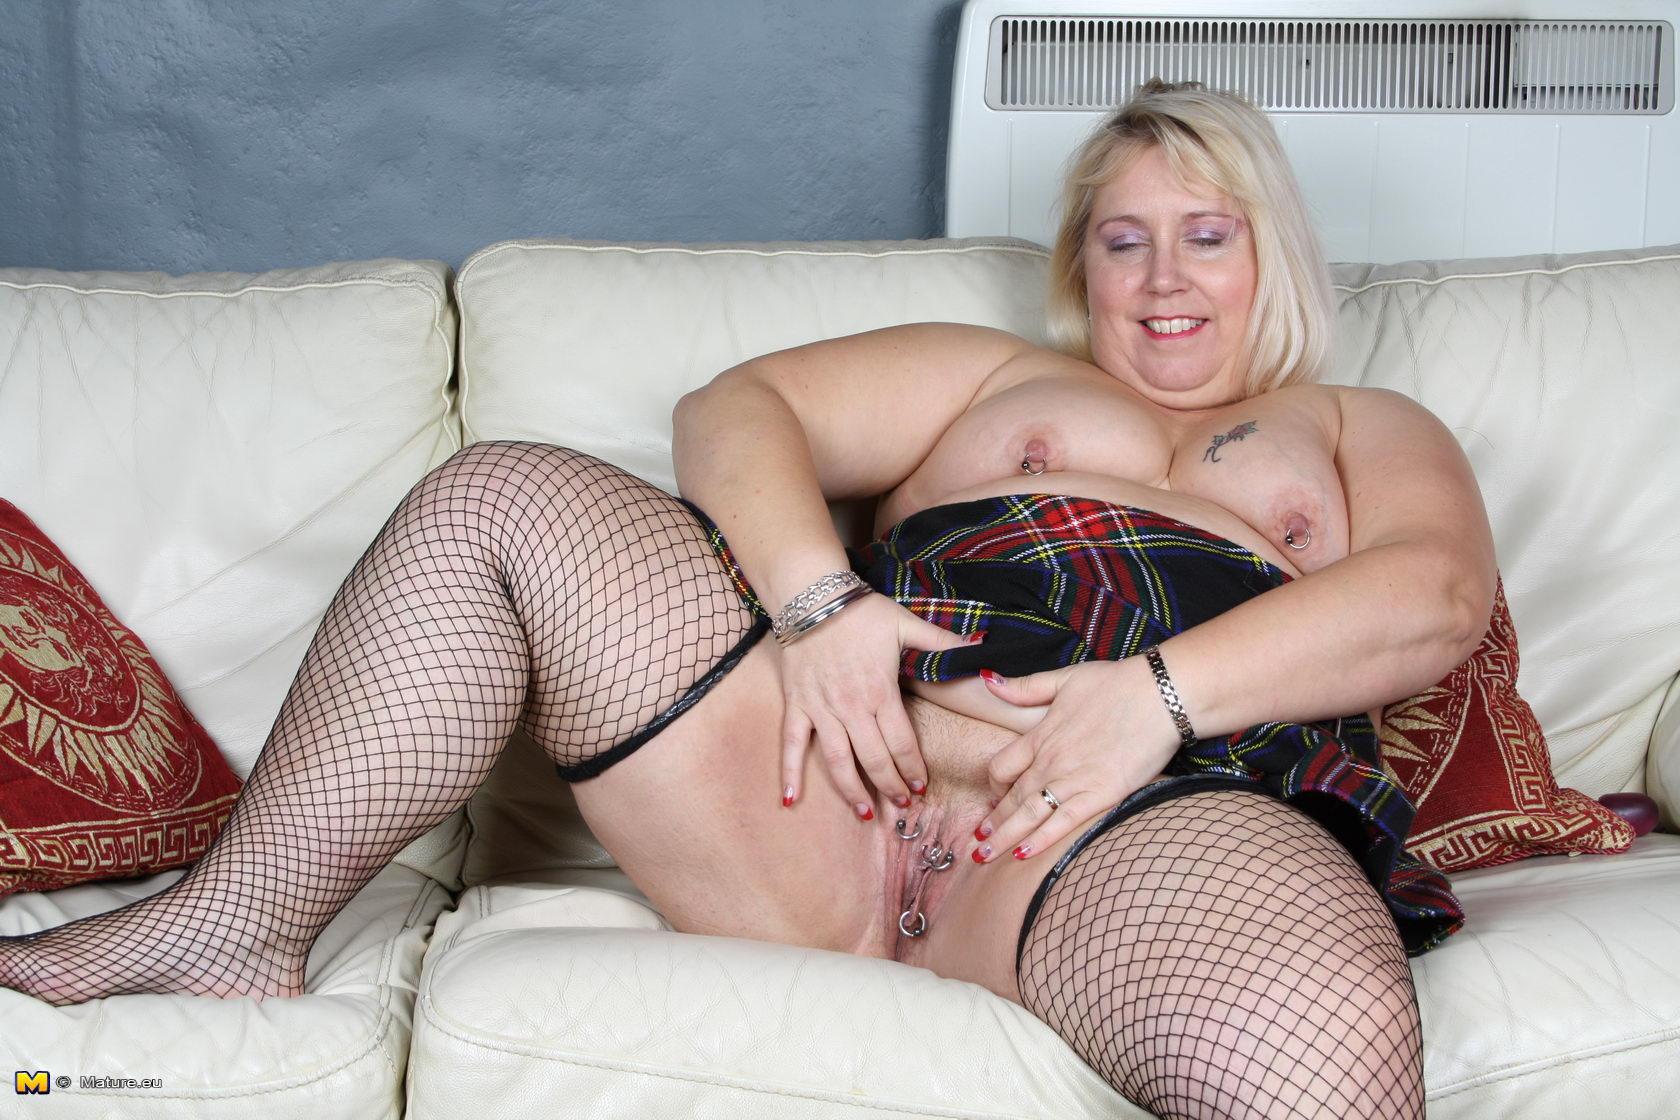 Soft porn mature women long legs